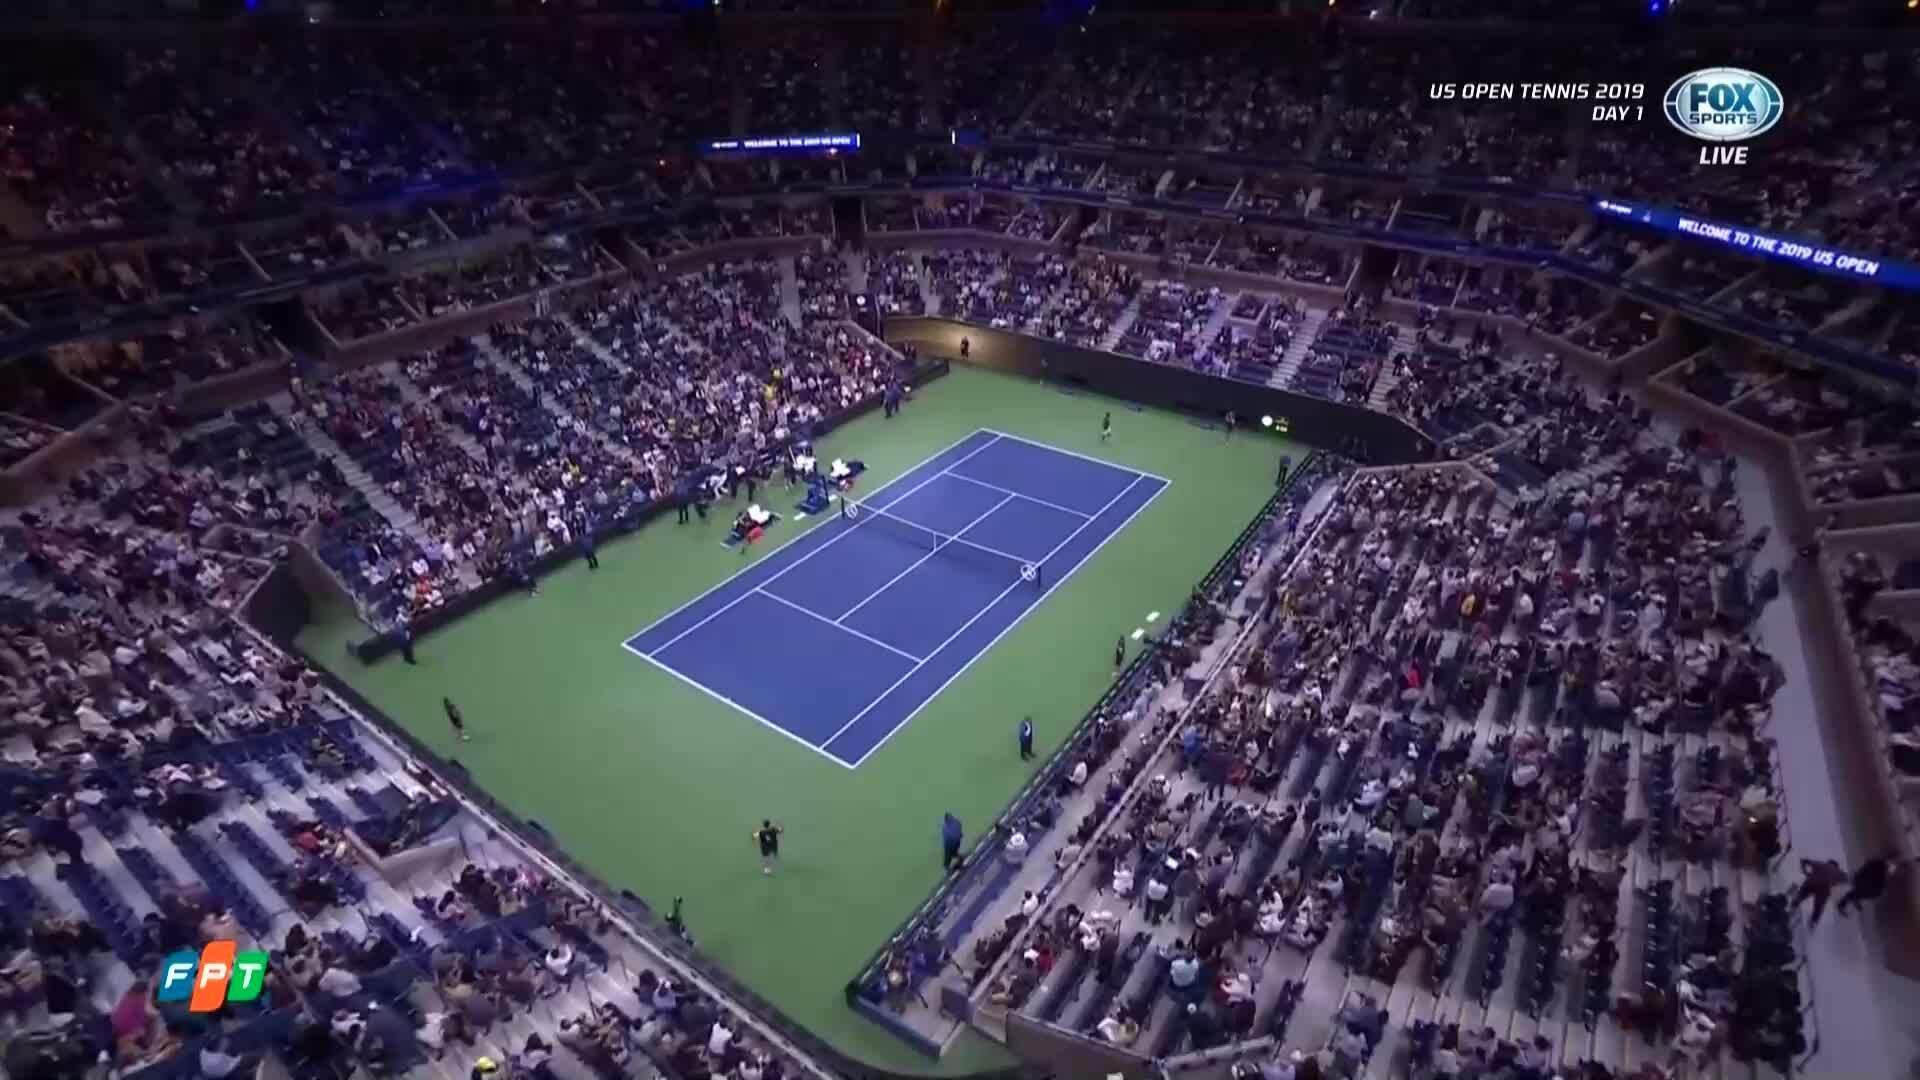 Roger Federer 3-1 Sumit Nagal